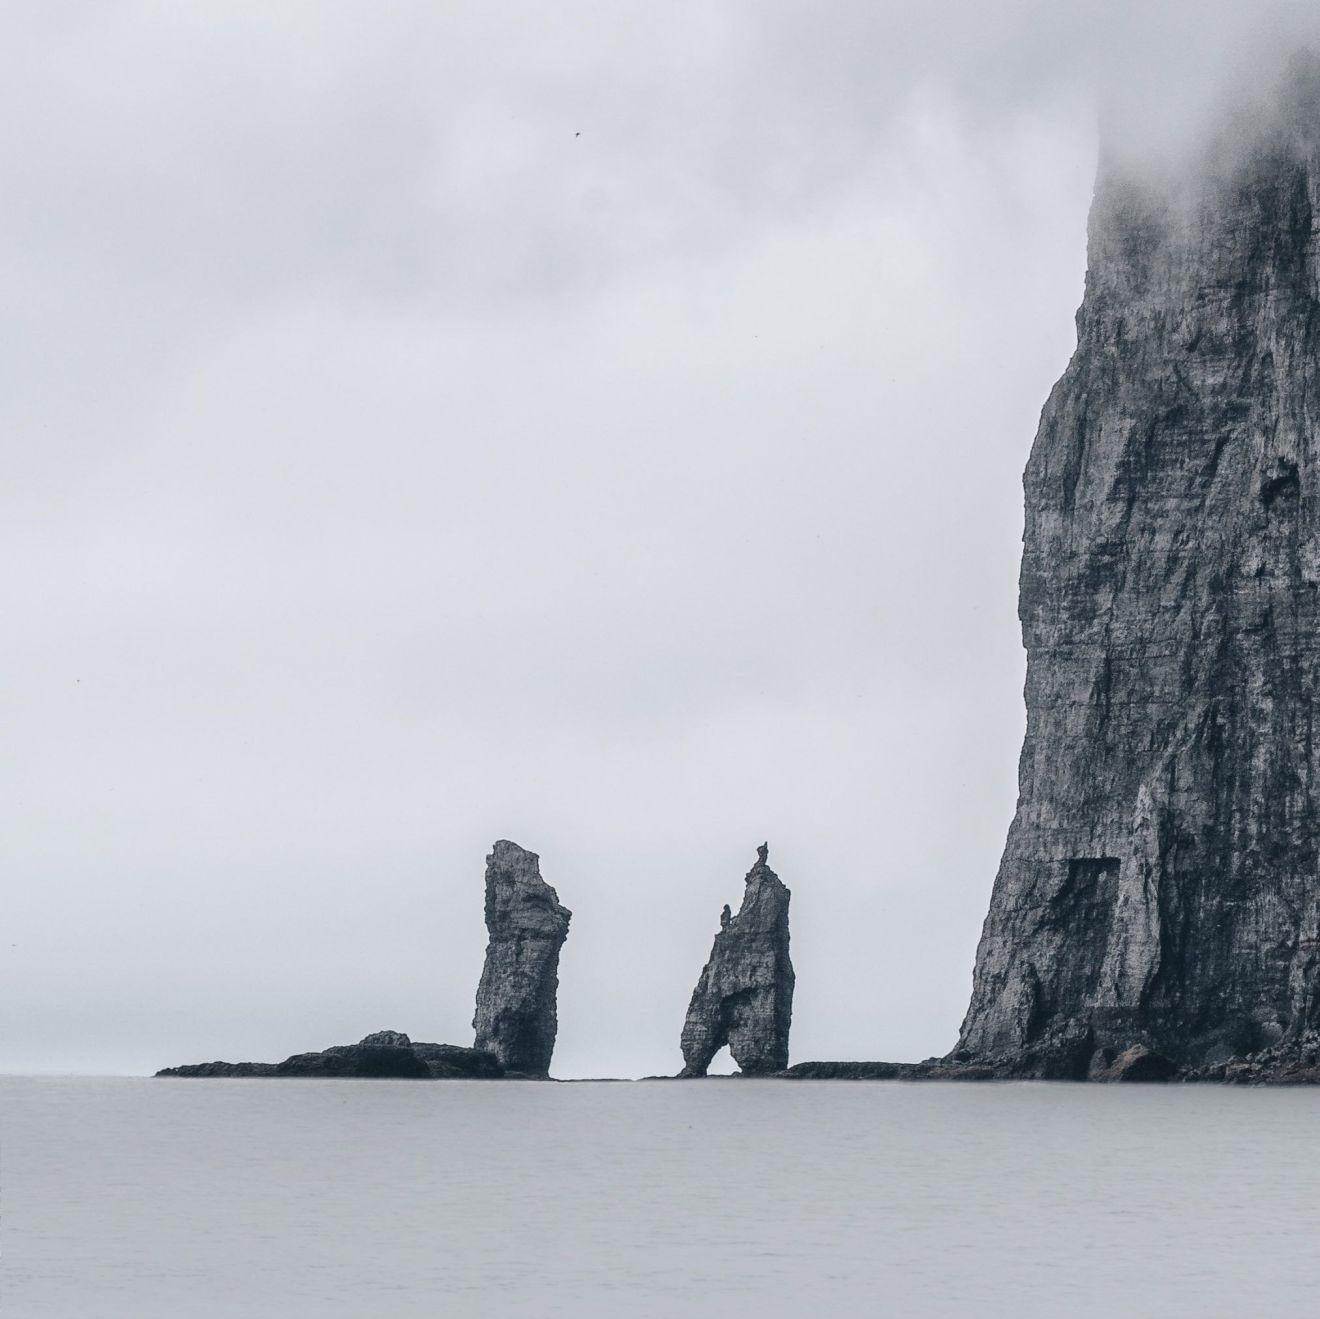 Færøerne Sarah Green tjornuvik